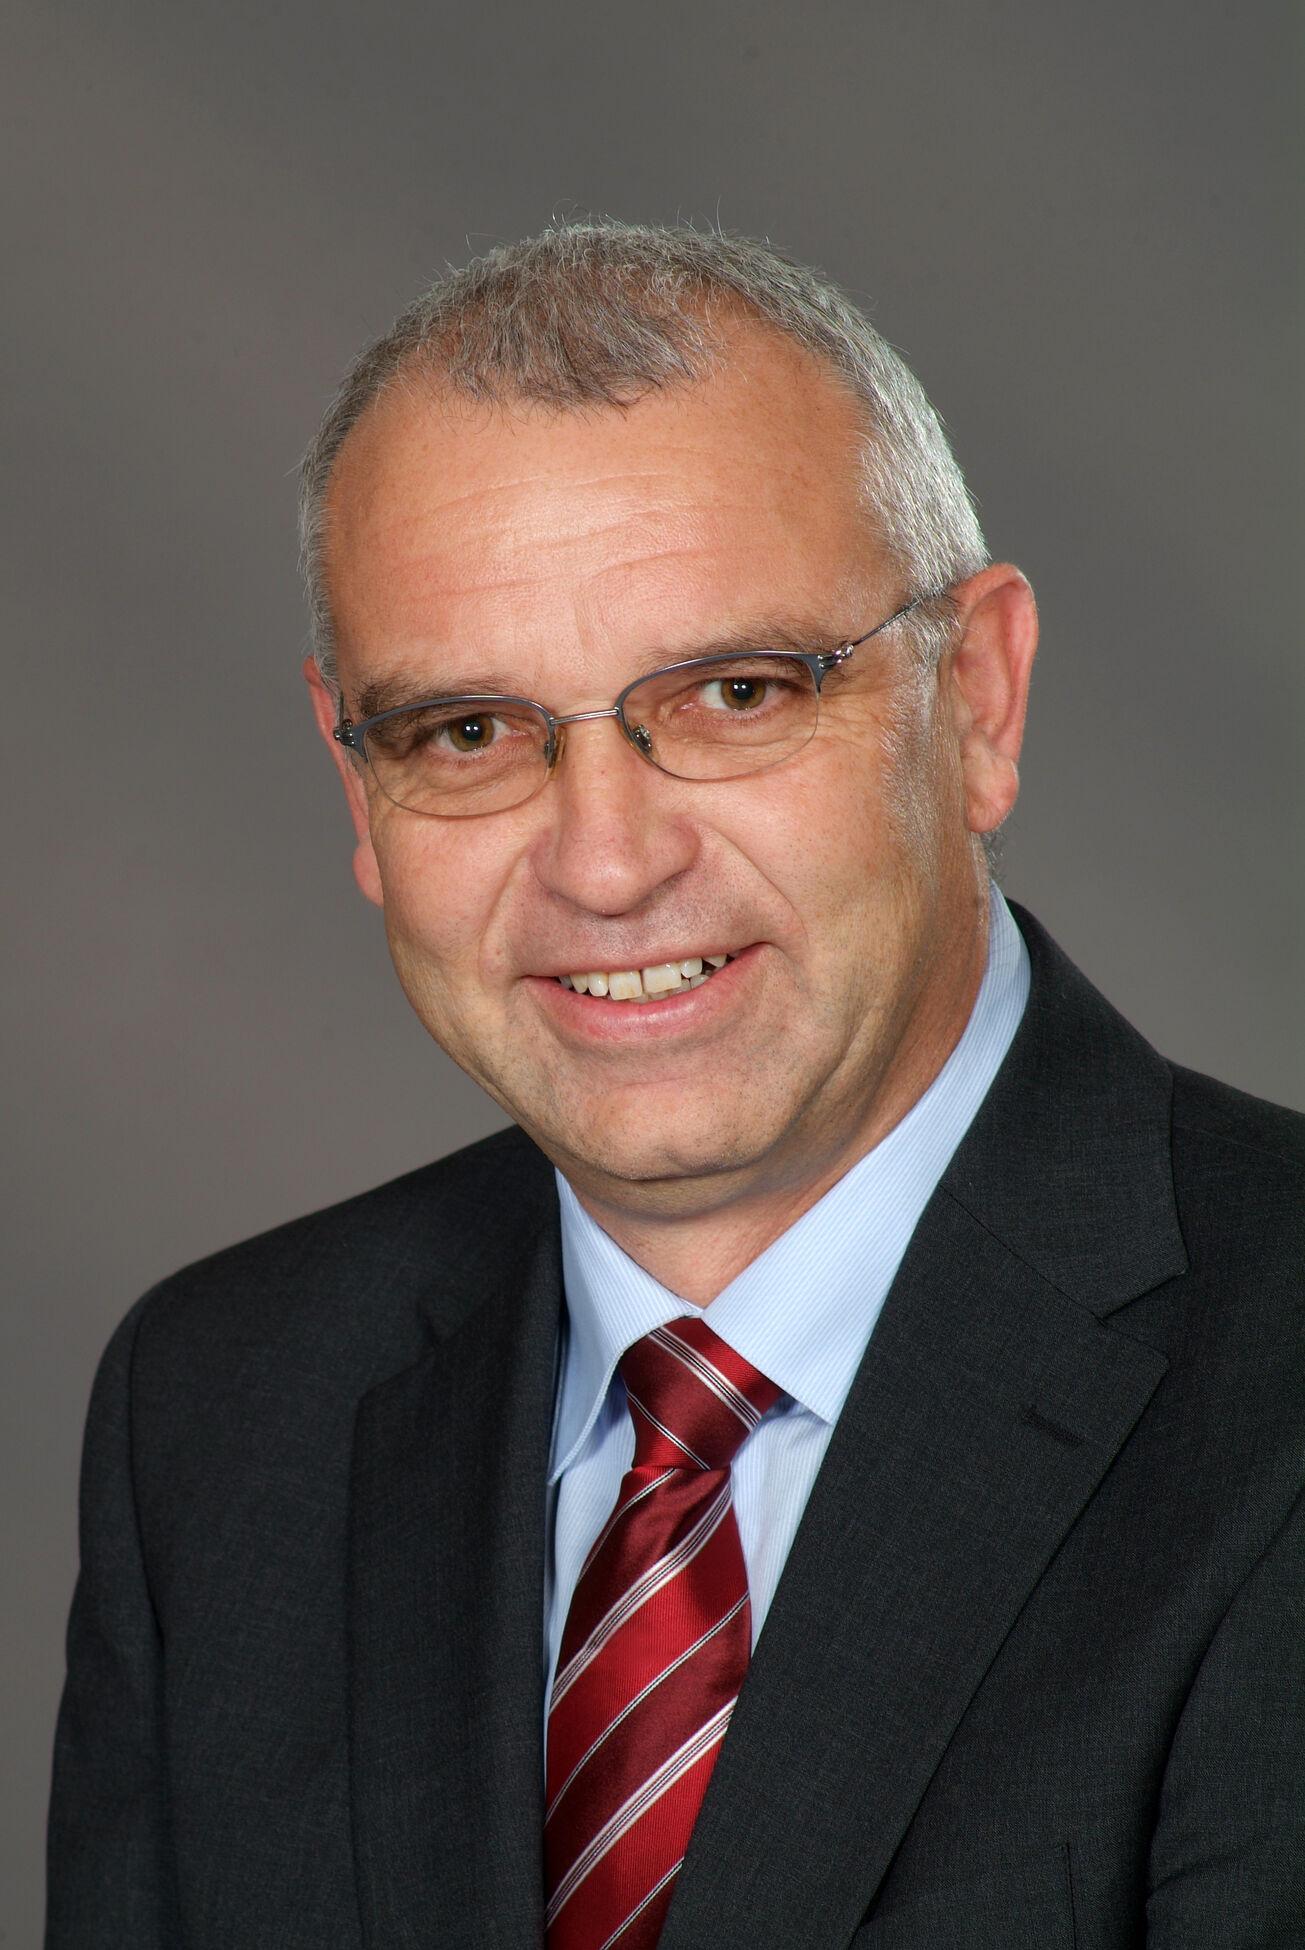 Hubert Wegener BGM Ense